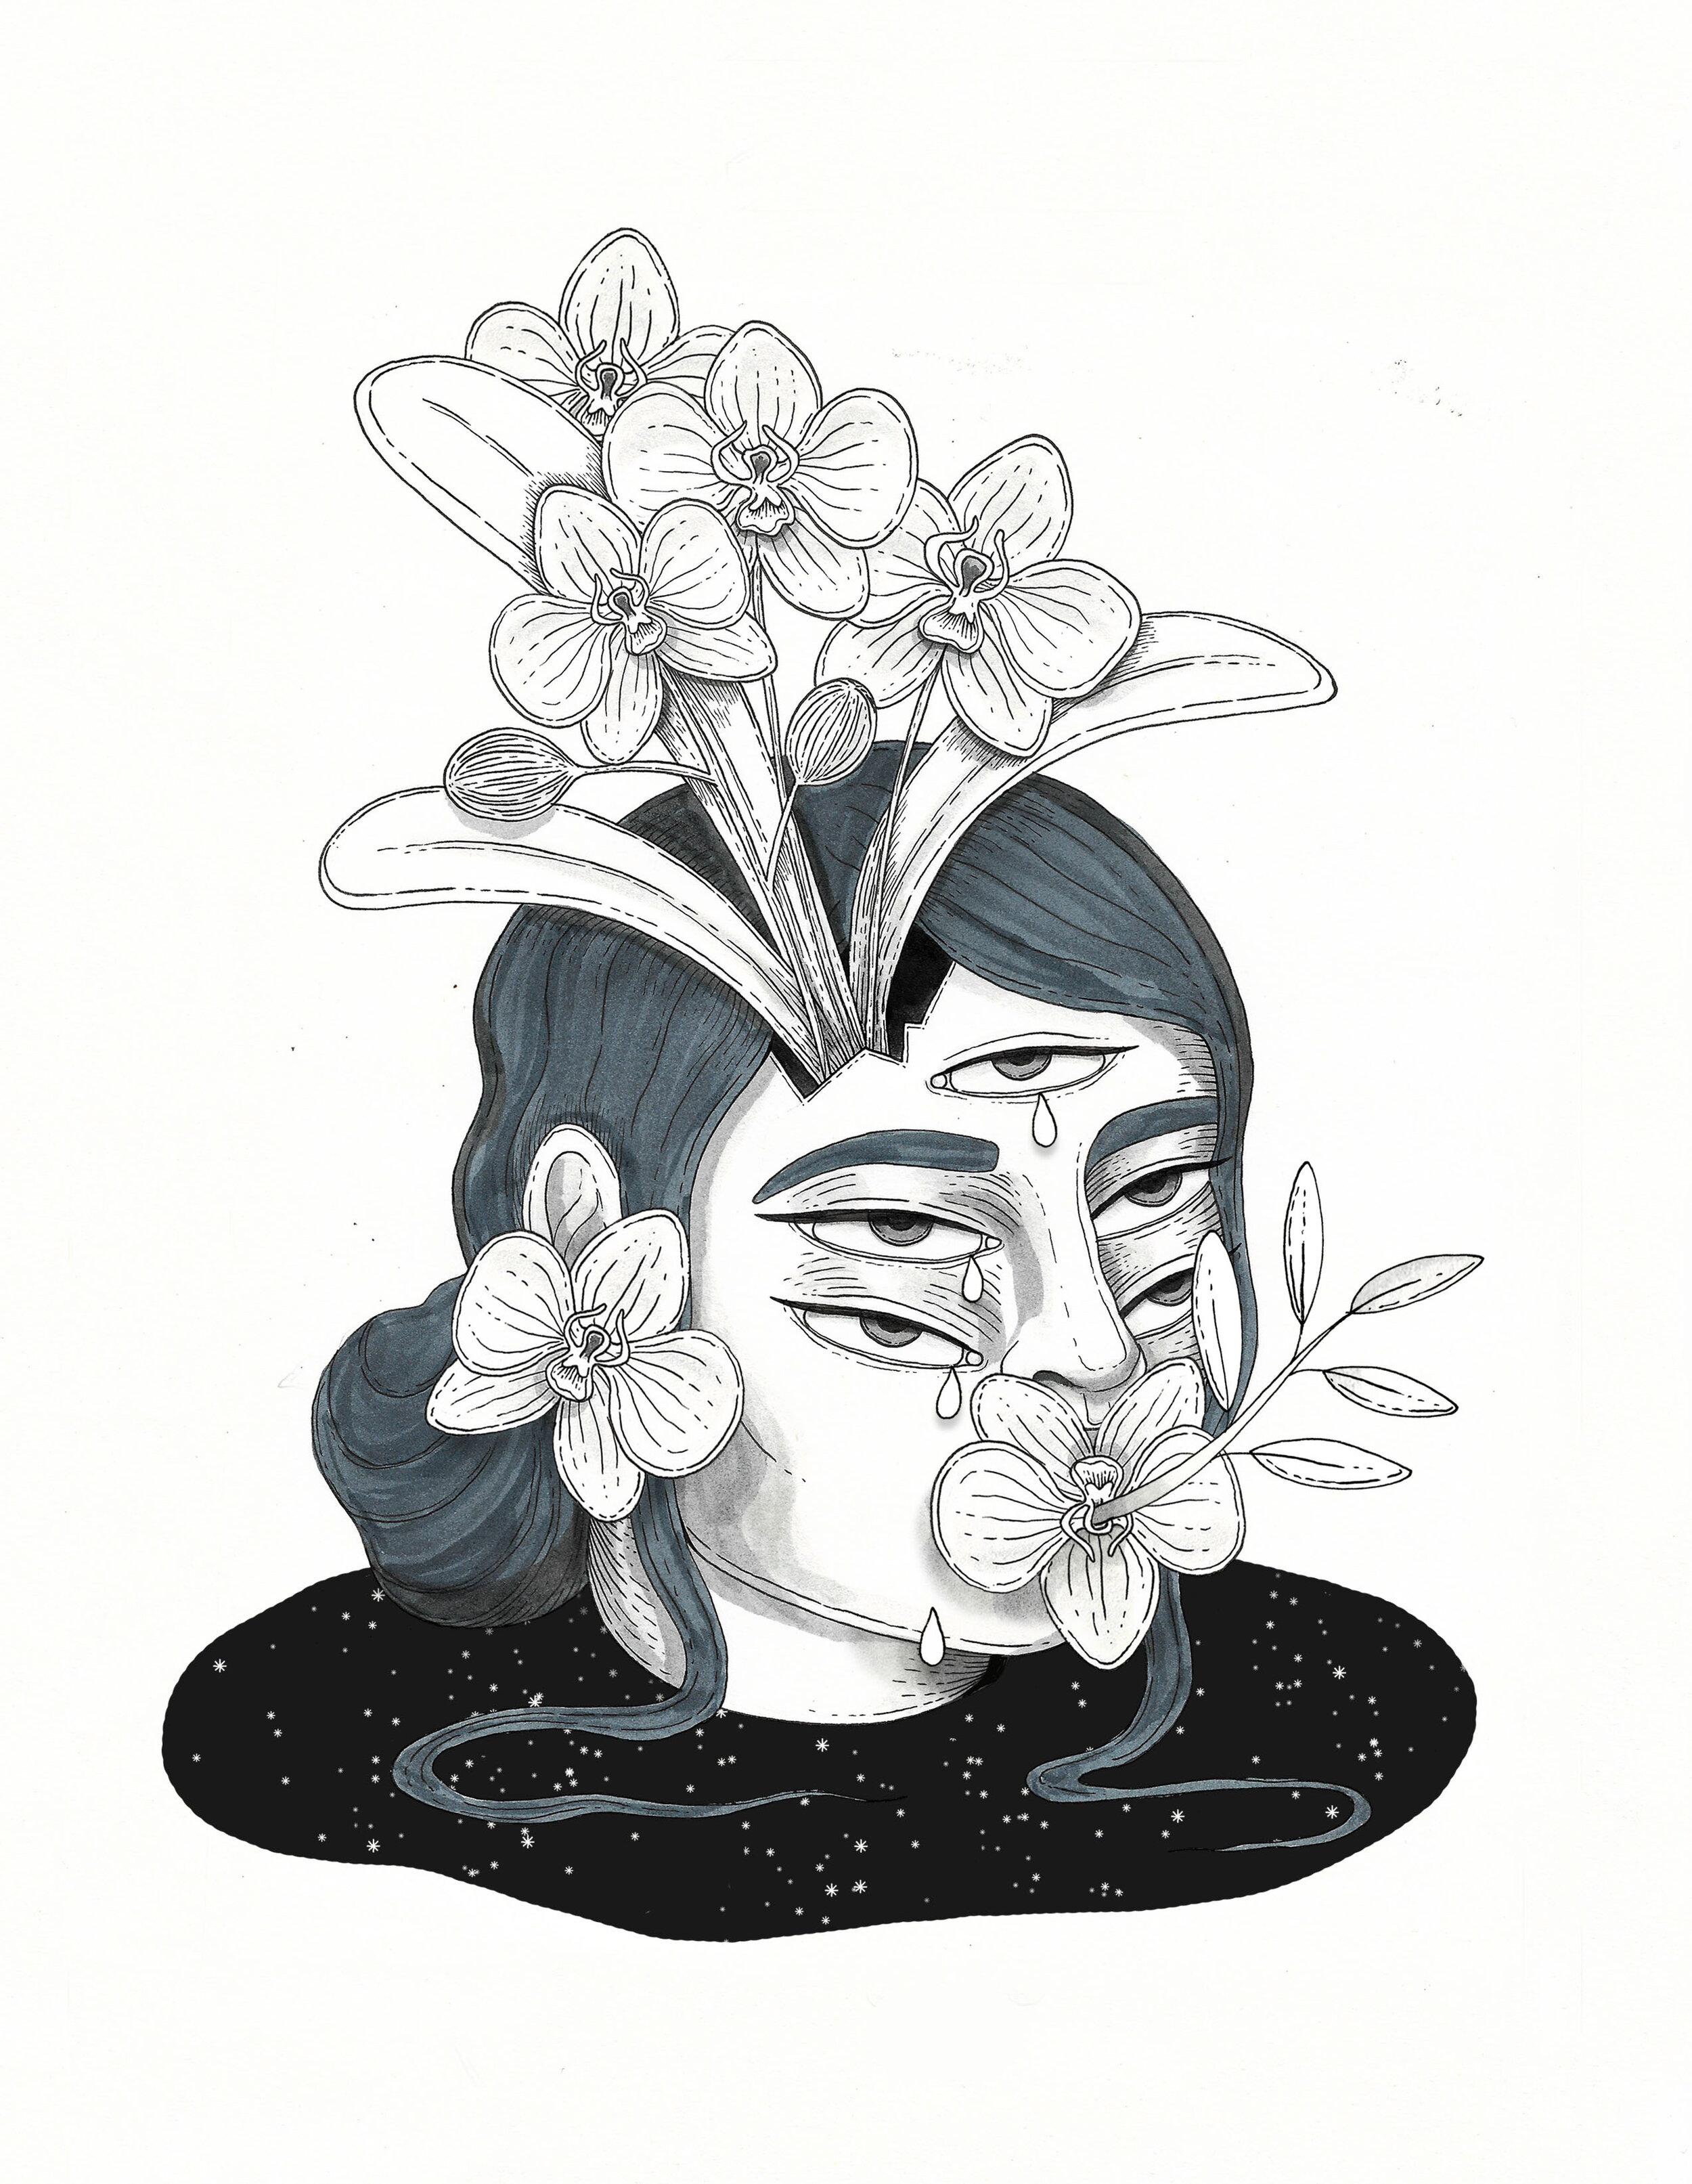 Ink drawing illustration artwork by Ale De la Torre Inktober 2019. Ink on paper